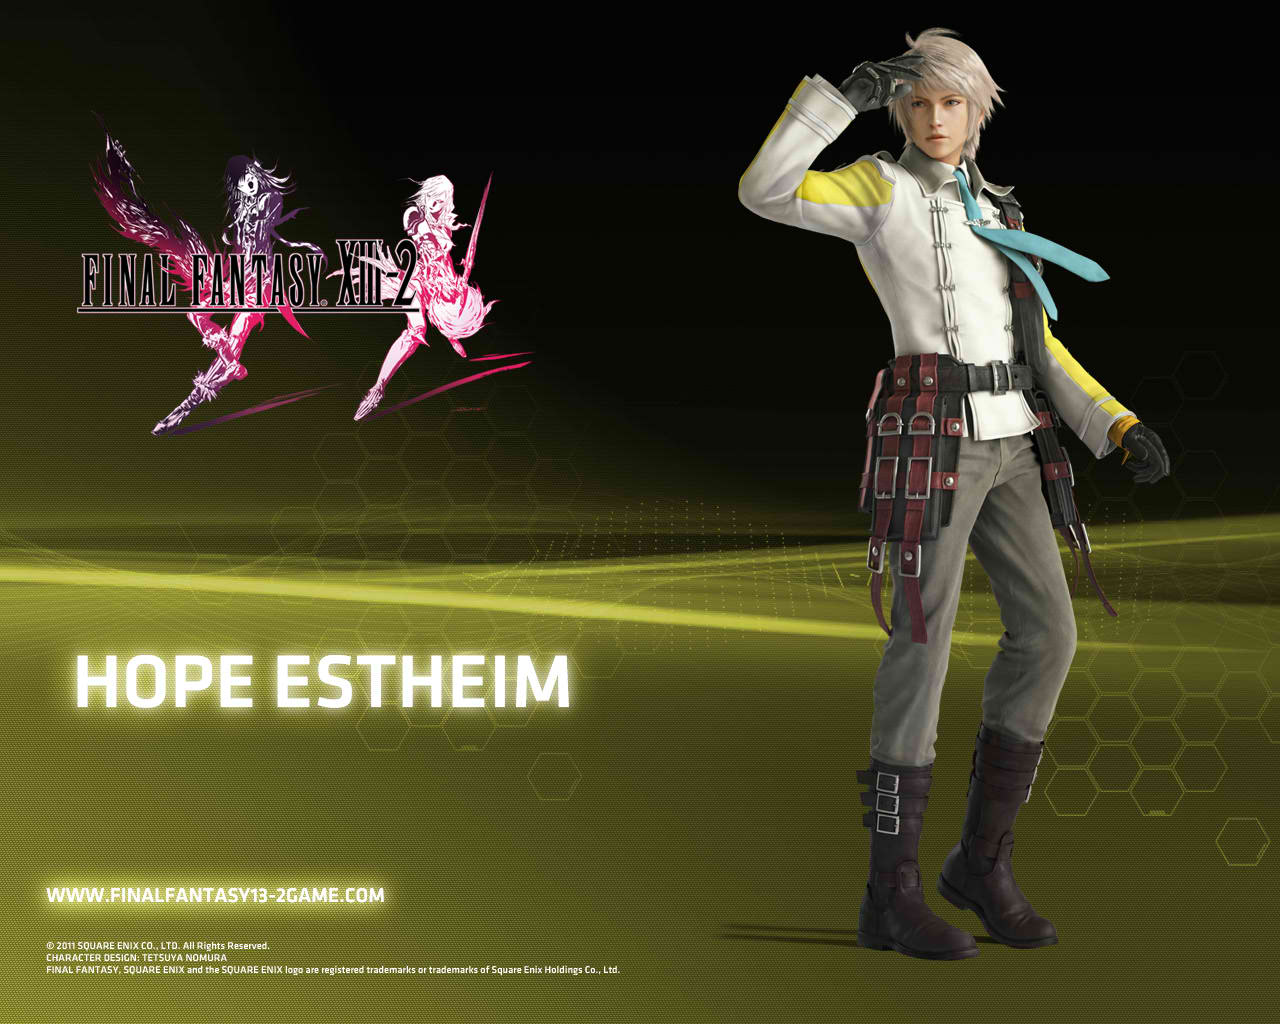 Hope Estheim Wallpaper 1280x1024.jpg